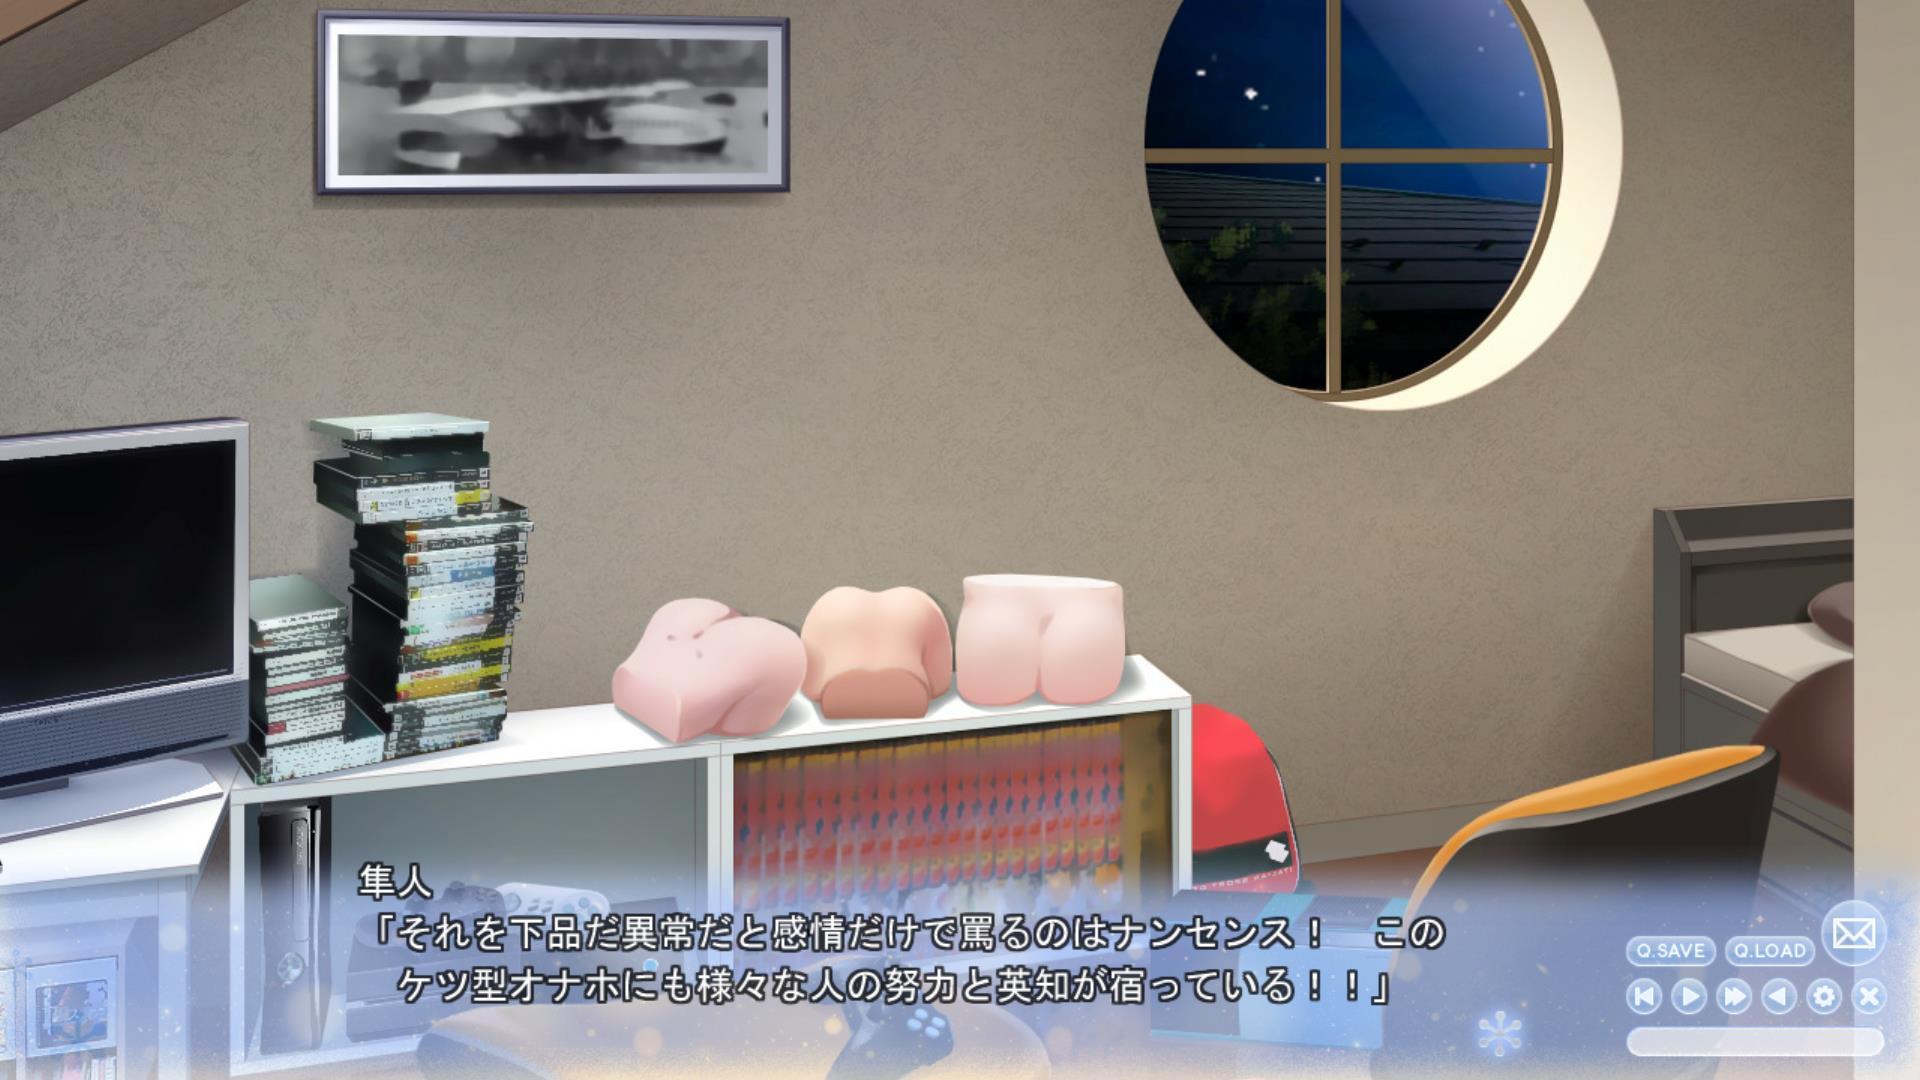 screeenshot-20200713221626226.jpg